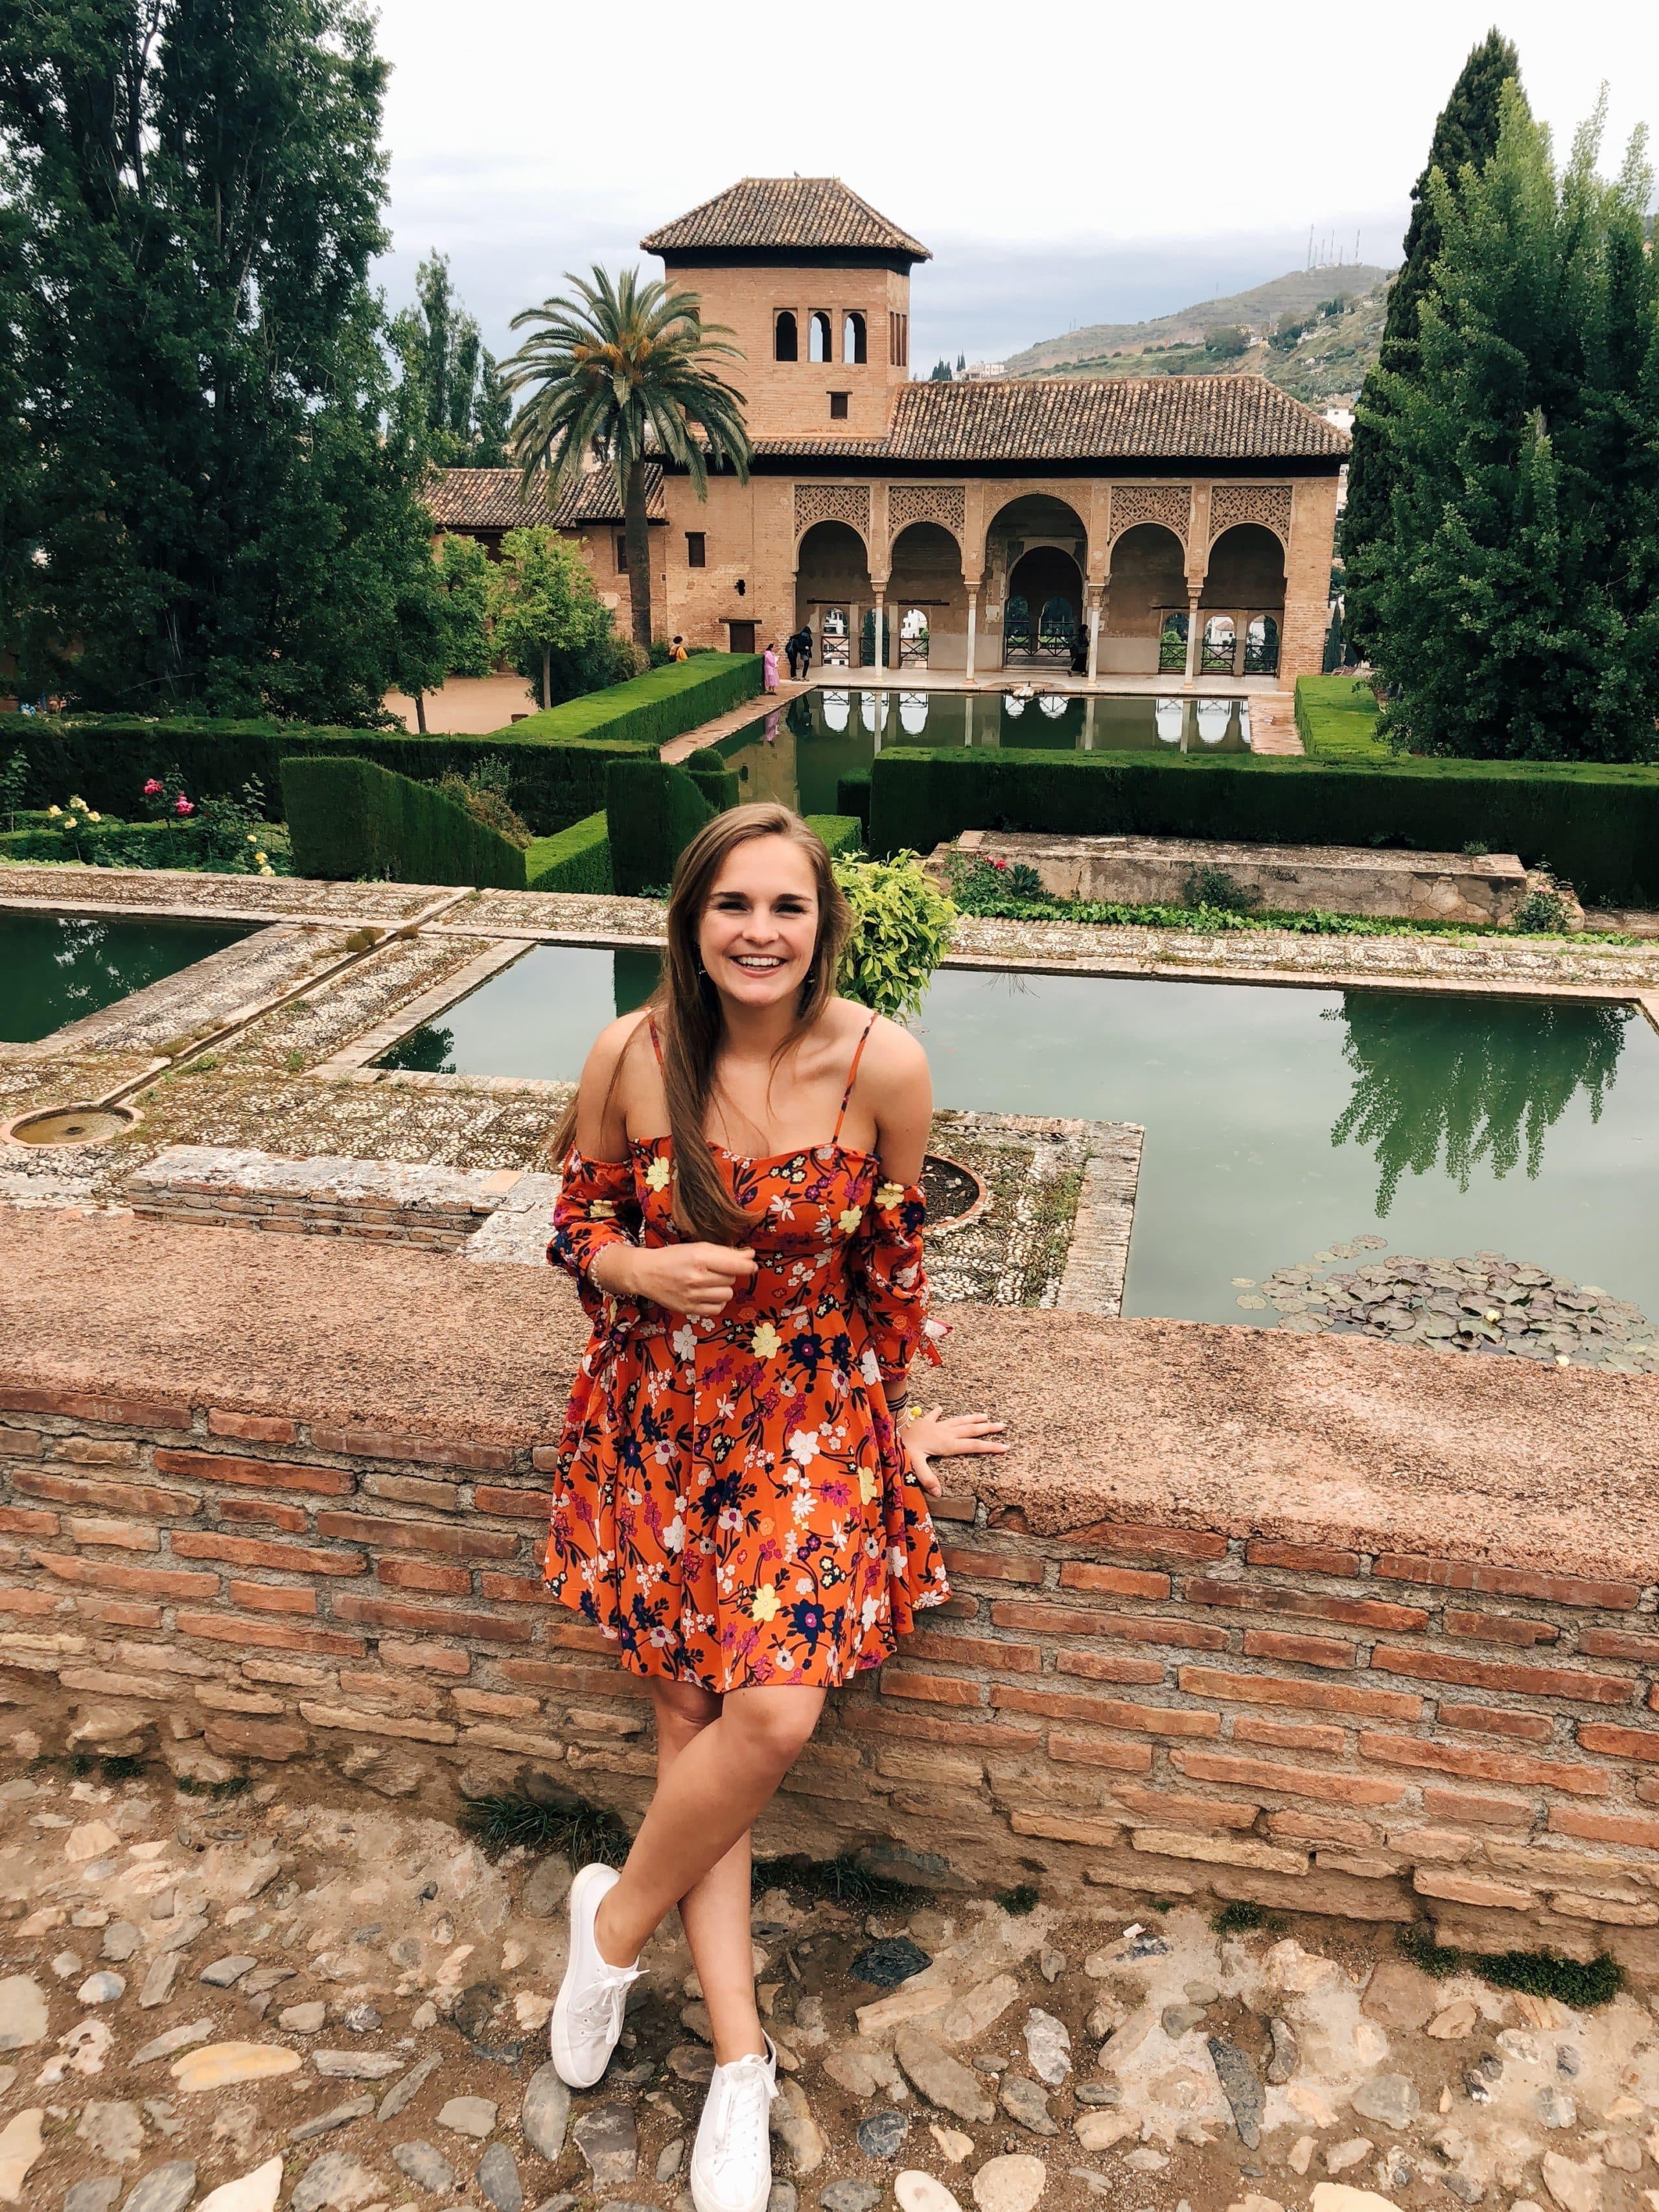 granada-spanien-granada geheimtipps-reiseblog-andalusien-alhambra